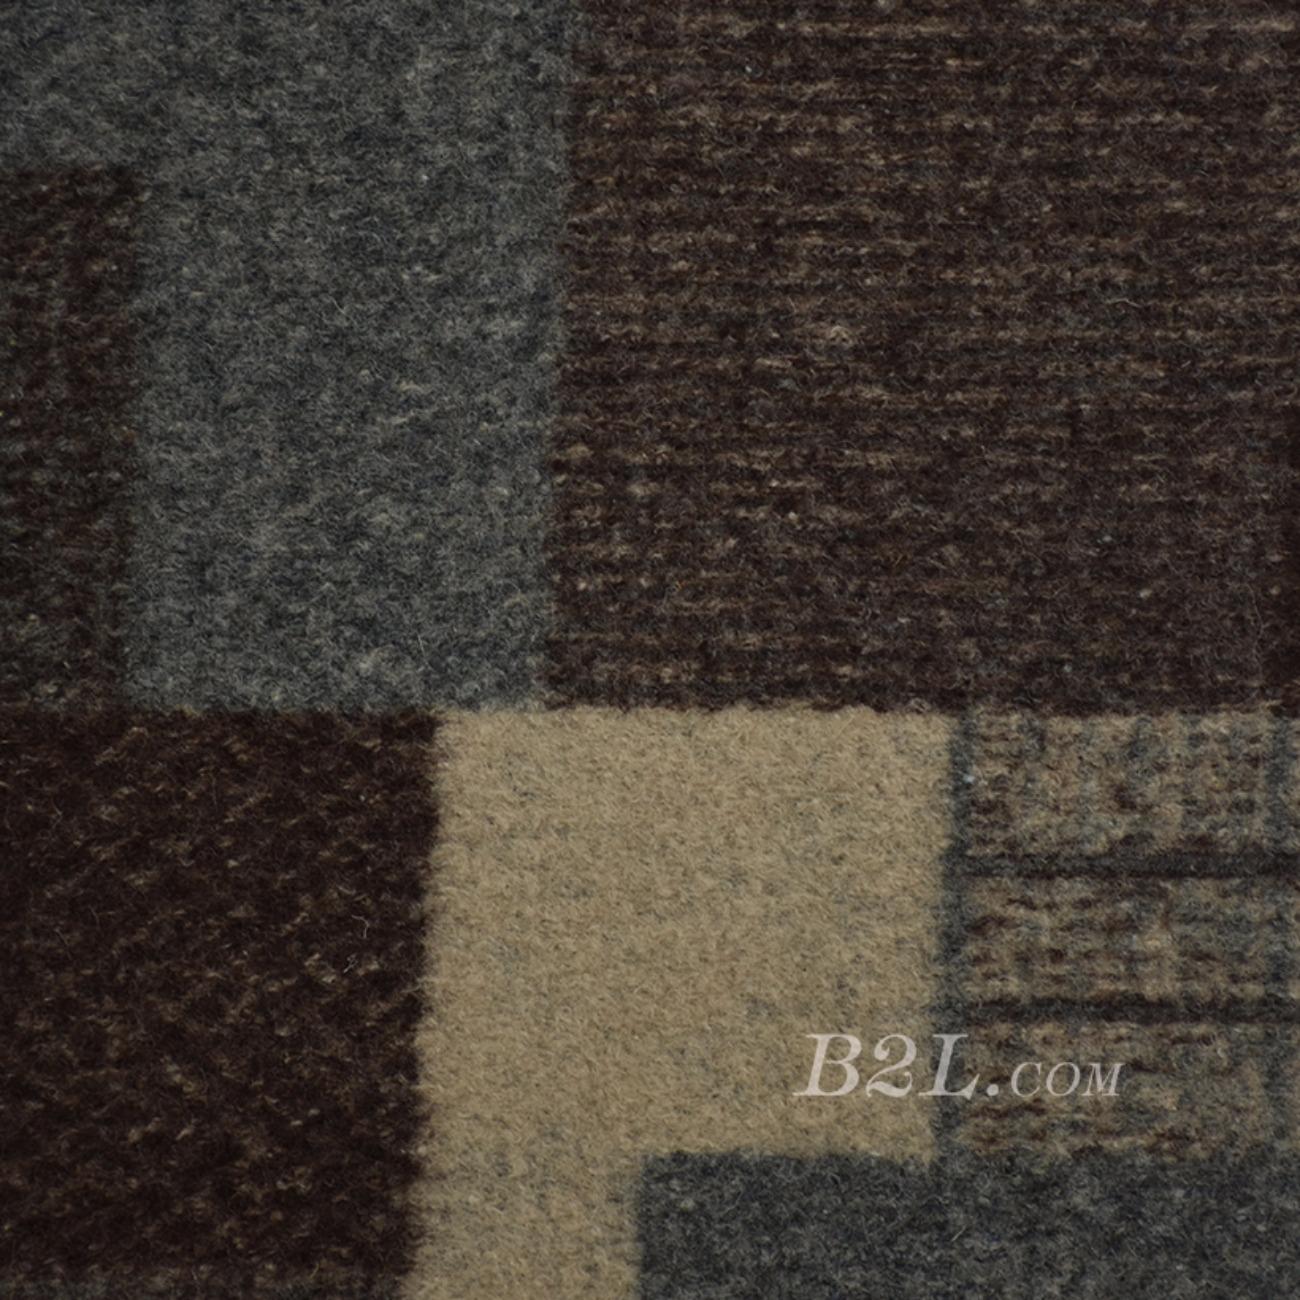 毛纺 针织 大衣 色织 几何粗纺圆机 低弹 外套加厚绒感 60803-30